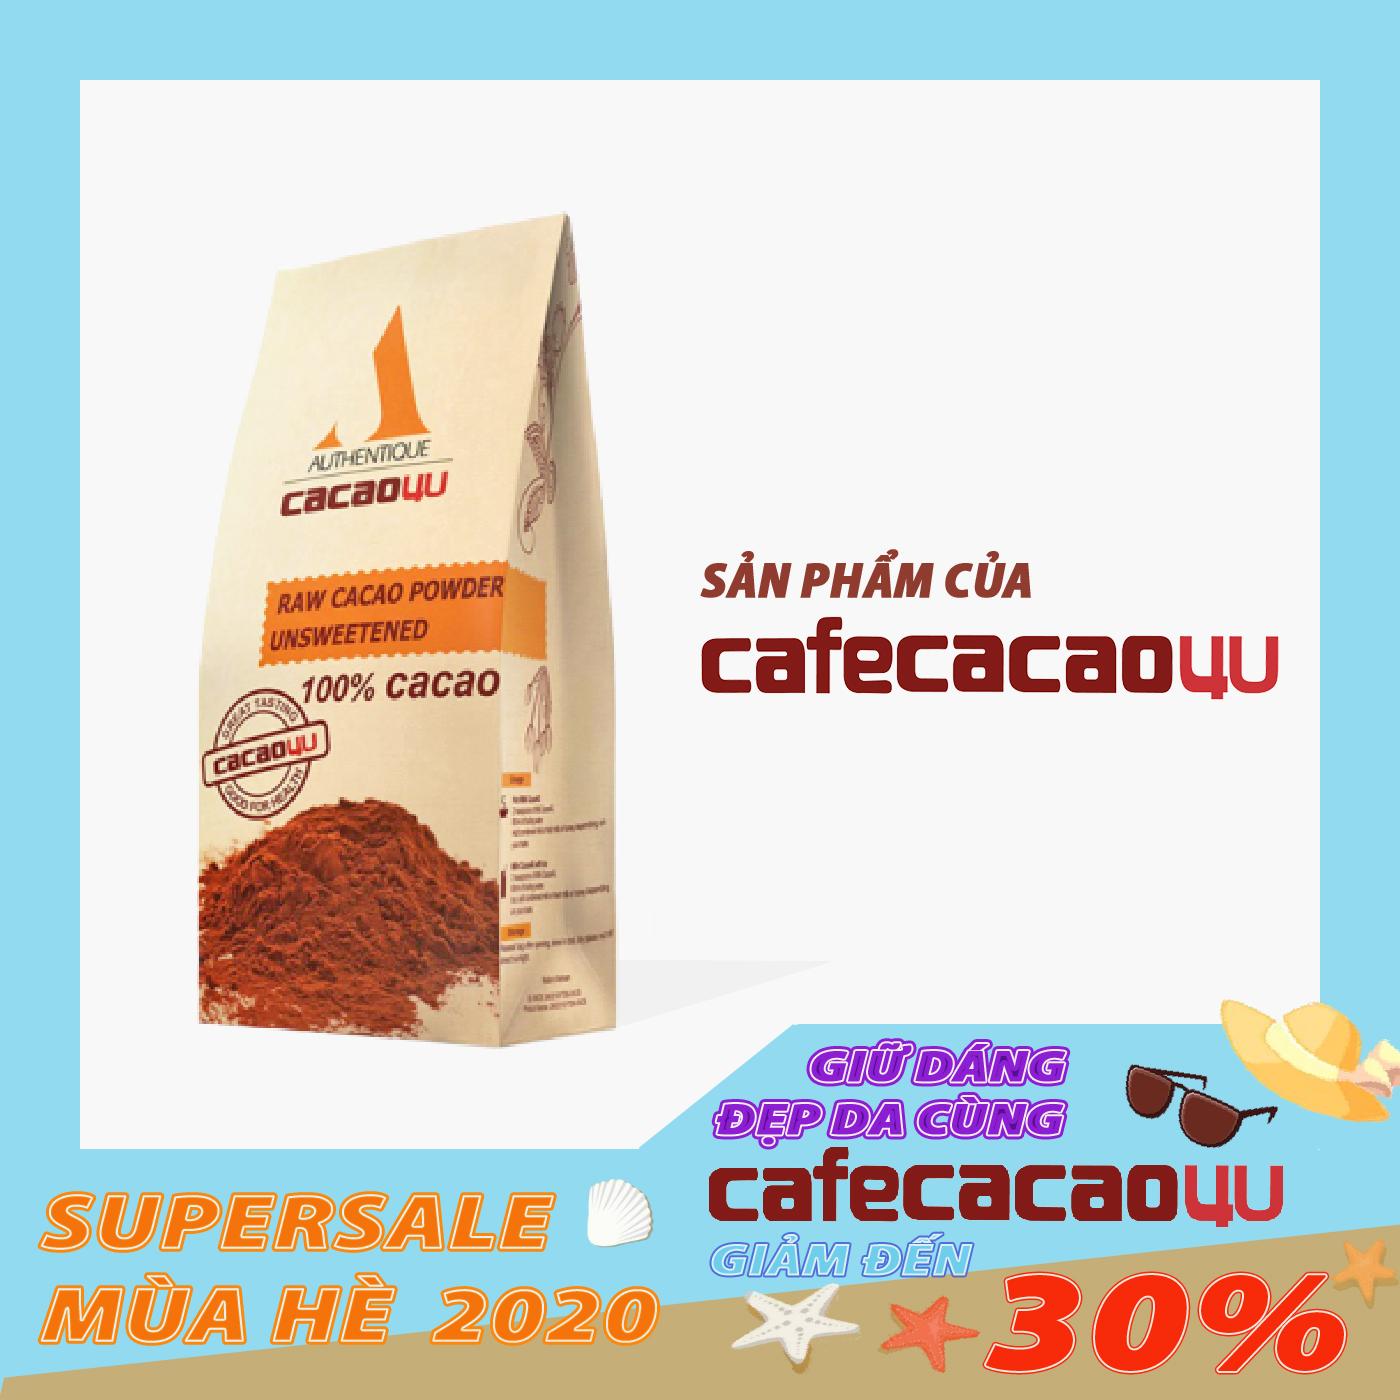 Bột Cacao Nguyên Chất Loại Ngon 220g Giảm Giá Khủng